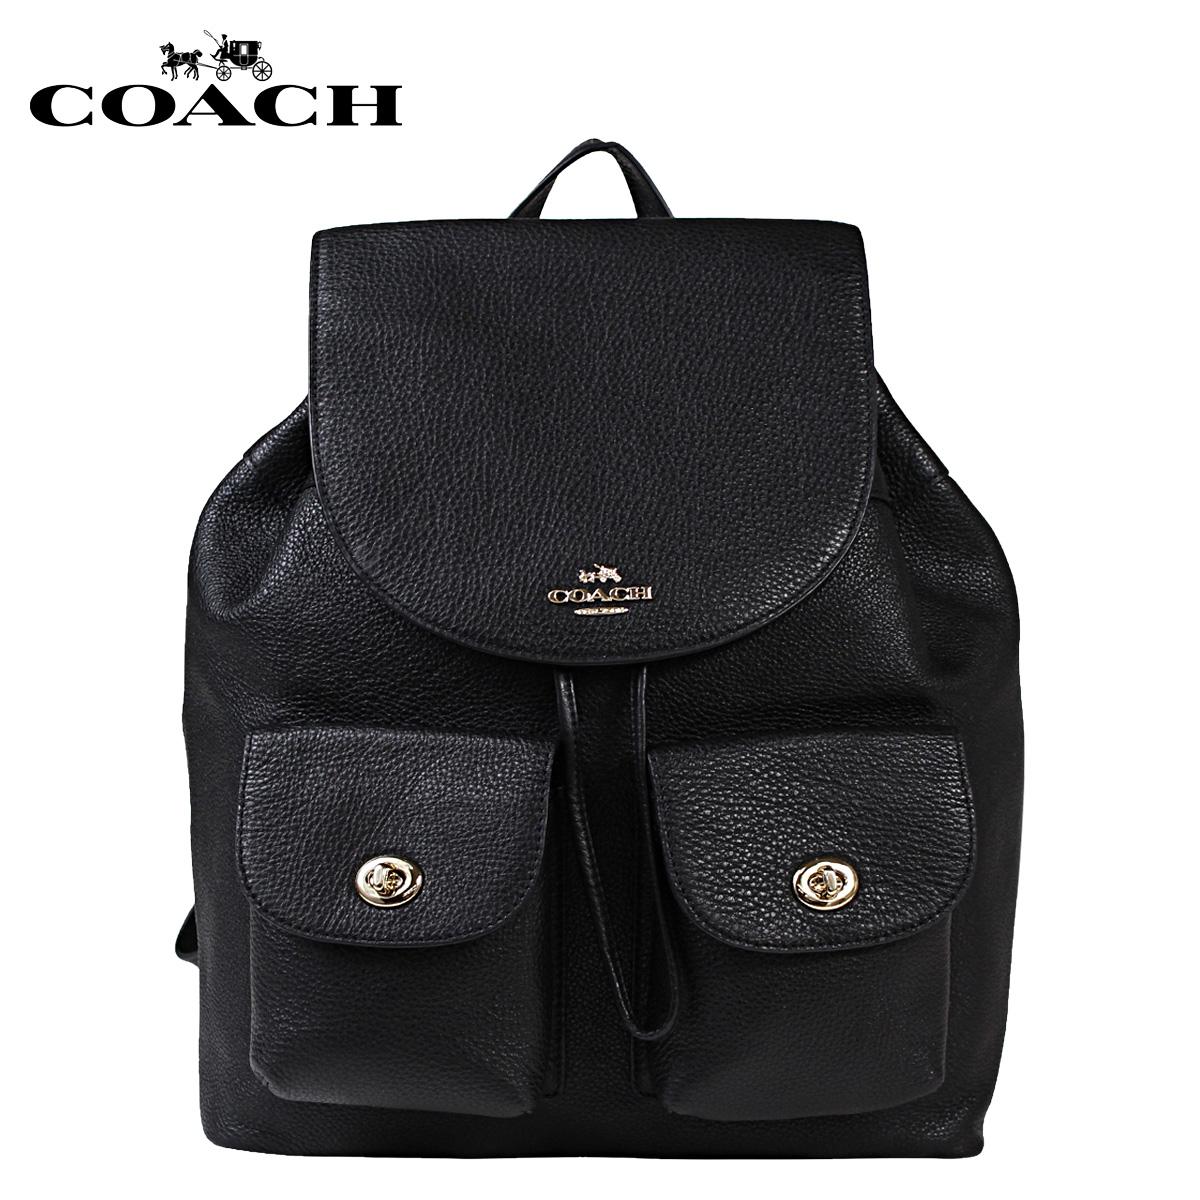 ... ireland coach coach bag rucksack backpack f37410 black womens af586  7ed9d a2b9e890be5e2